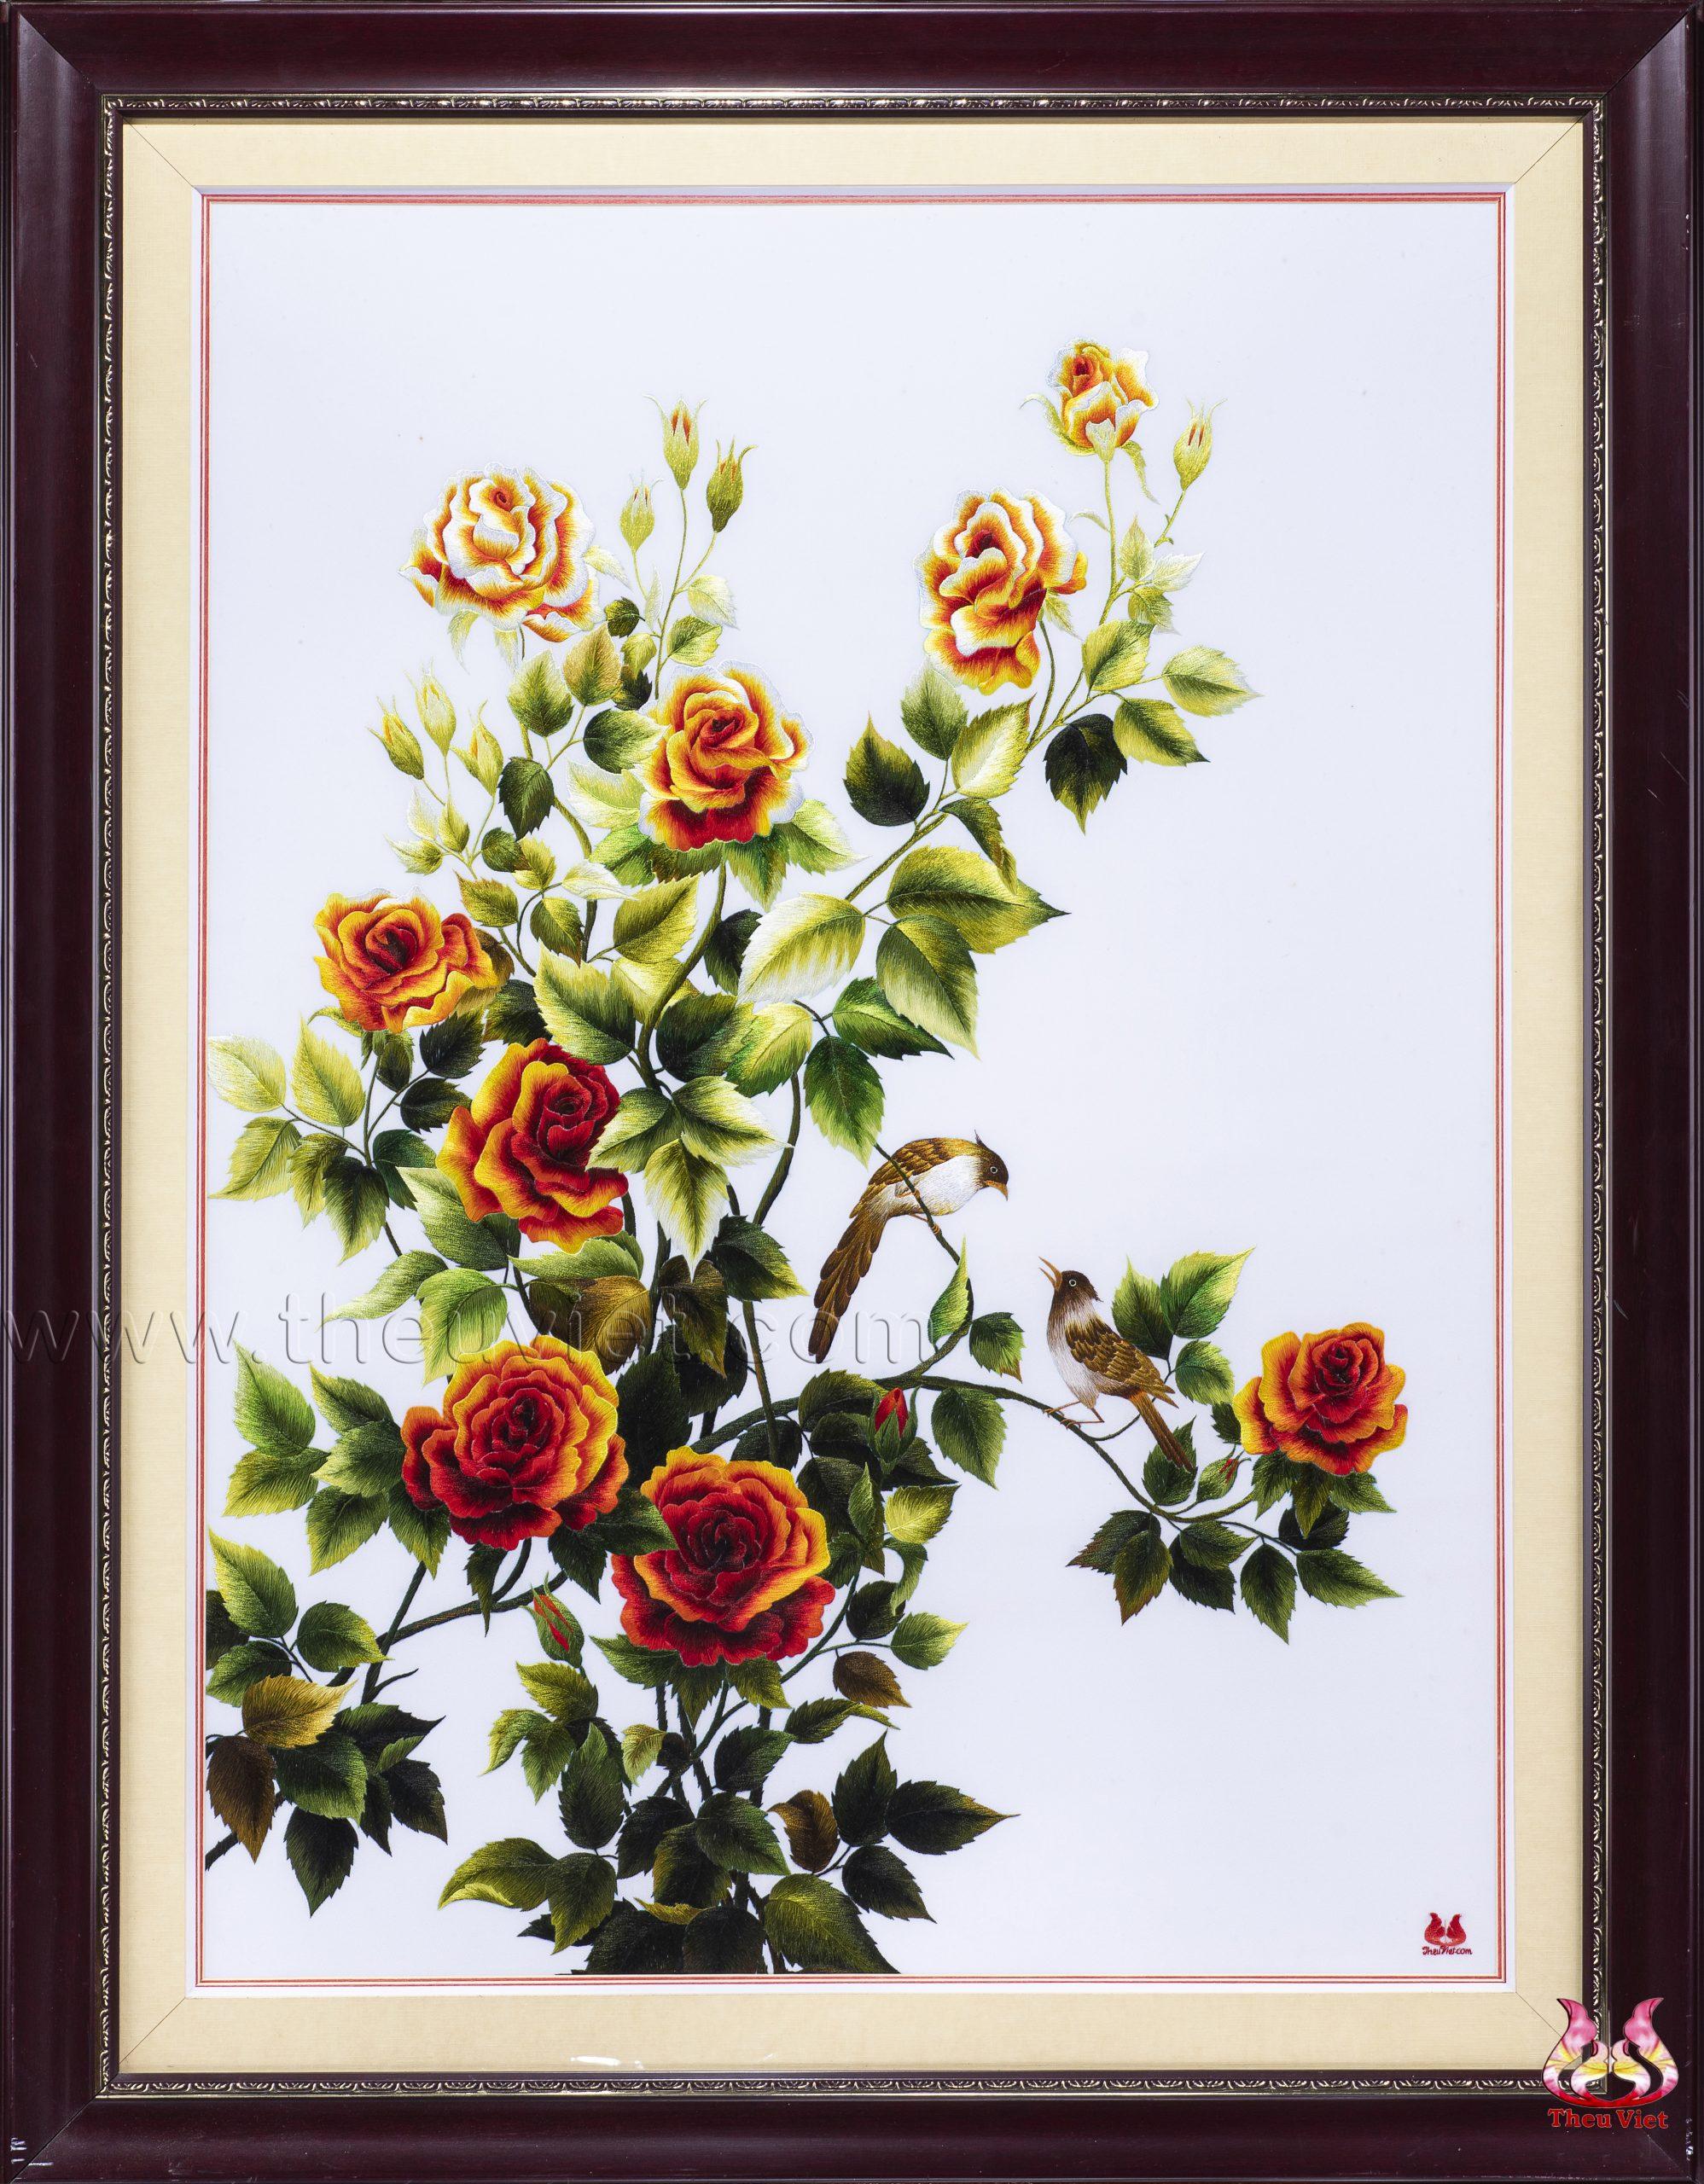 Tranh thêu hoa hồng và những ý nghĩa thú vị. 1